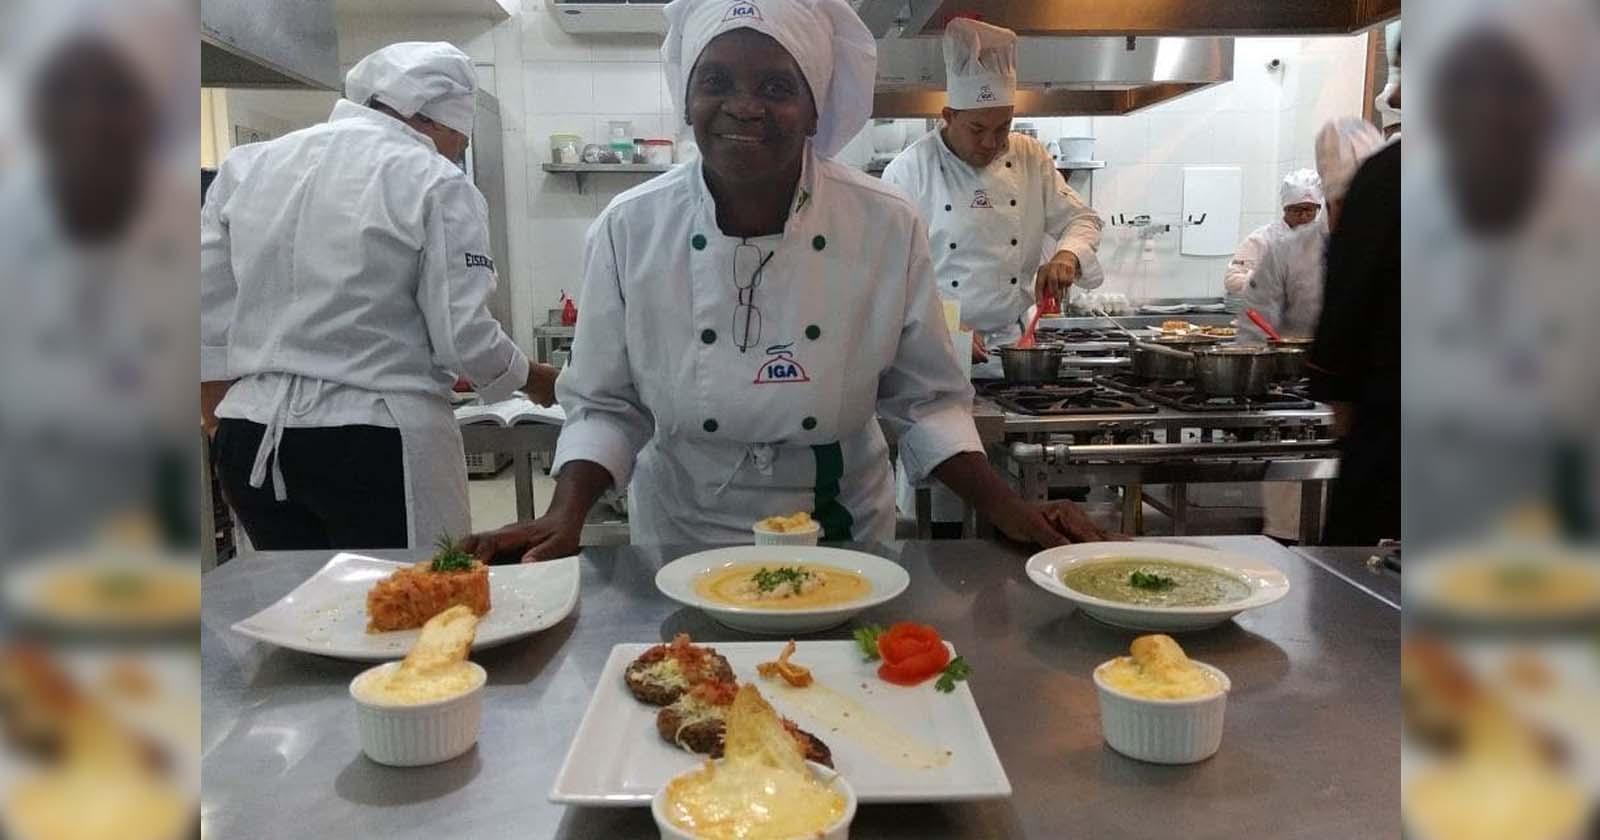 diarista com roupa de chef cozinha